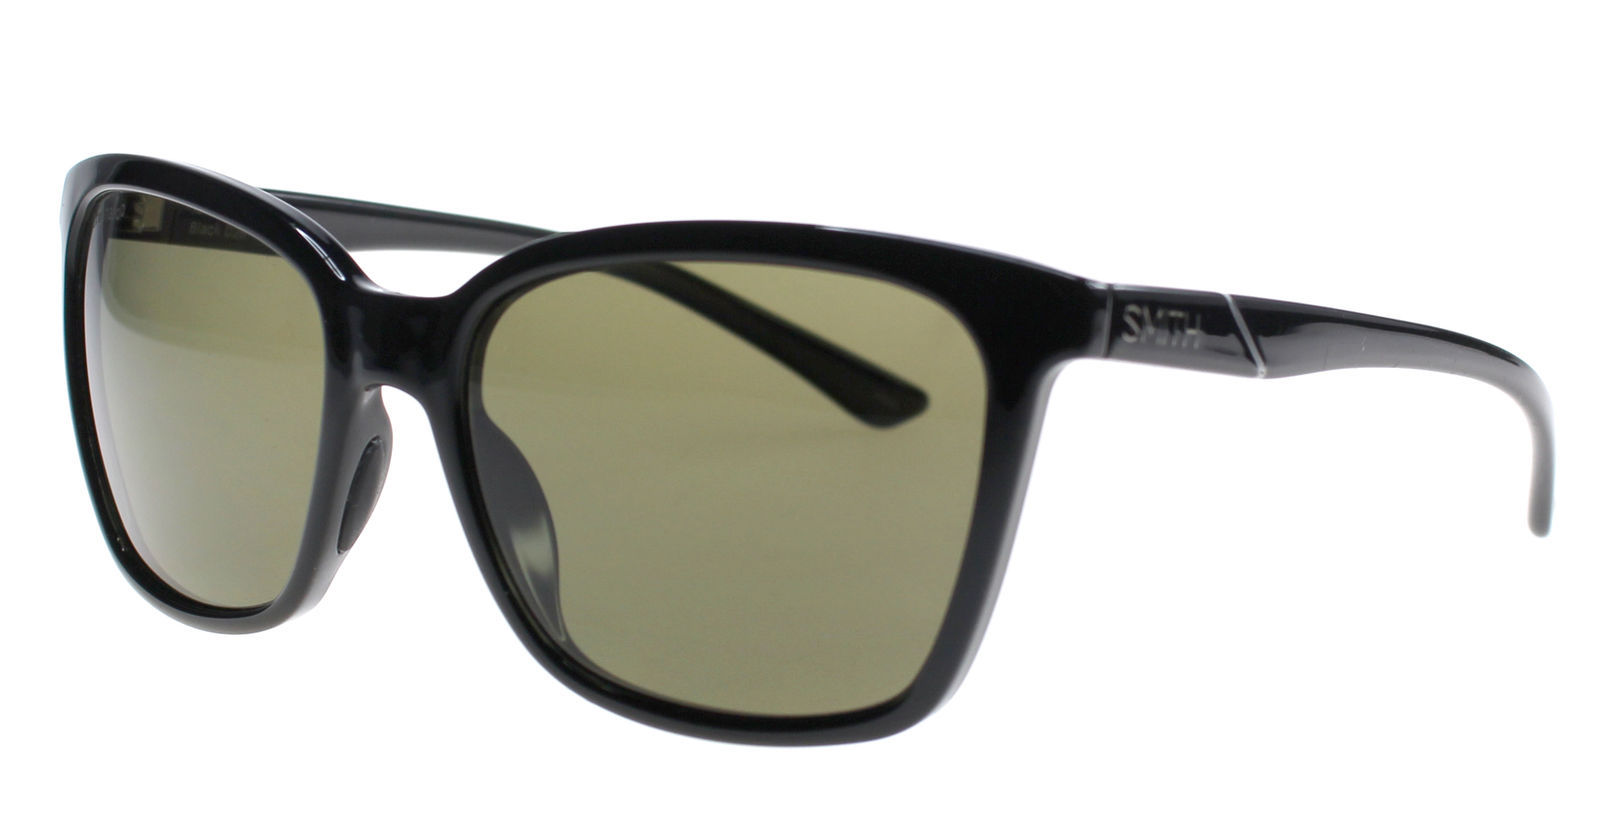 a88793e68a6 Smith Colette Sunglasses Women s